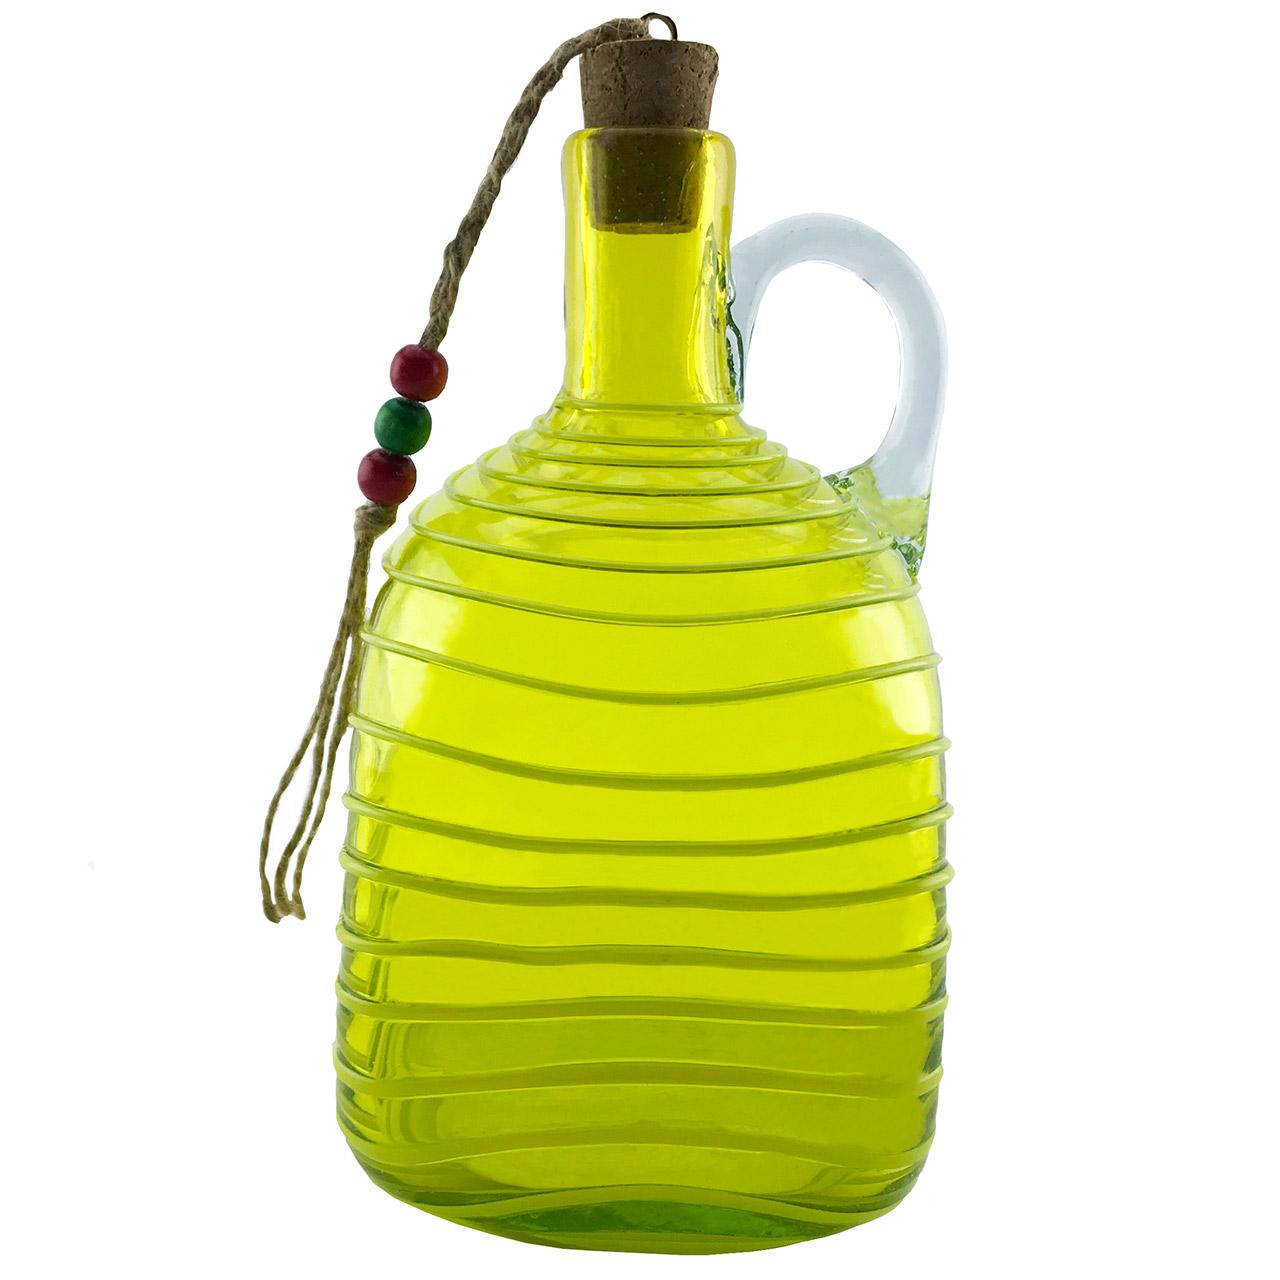 بطری شیشه ای طرح چهارگوش نواری کد 481